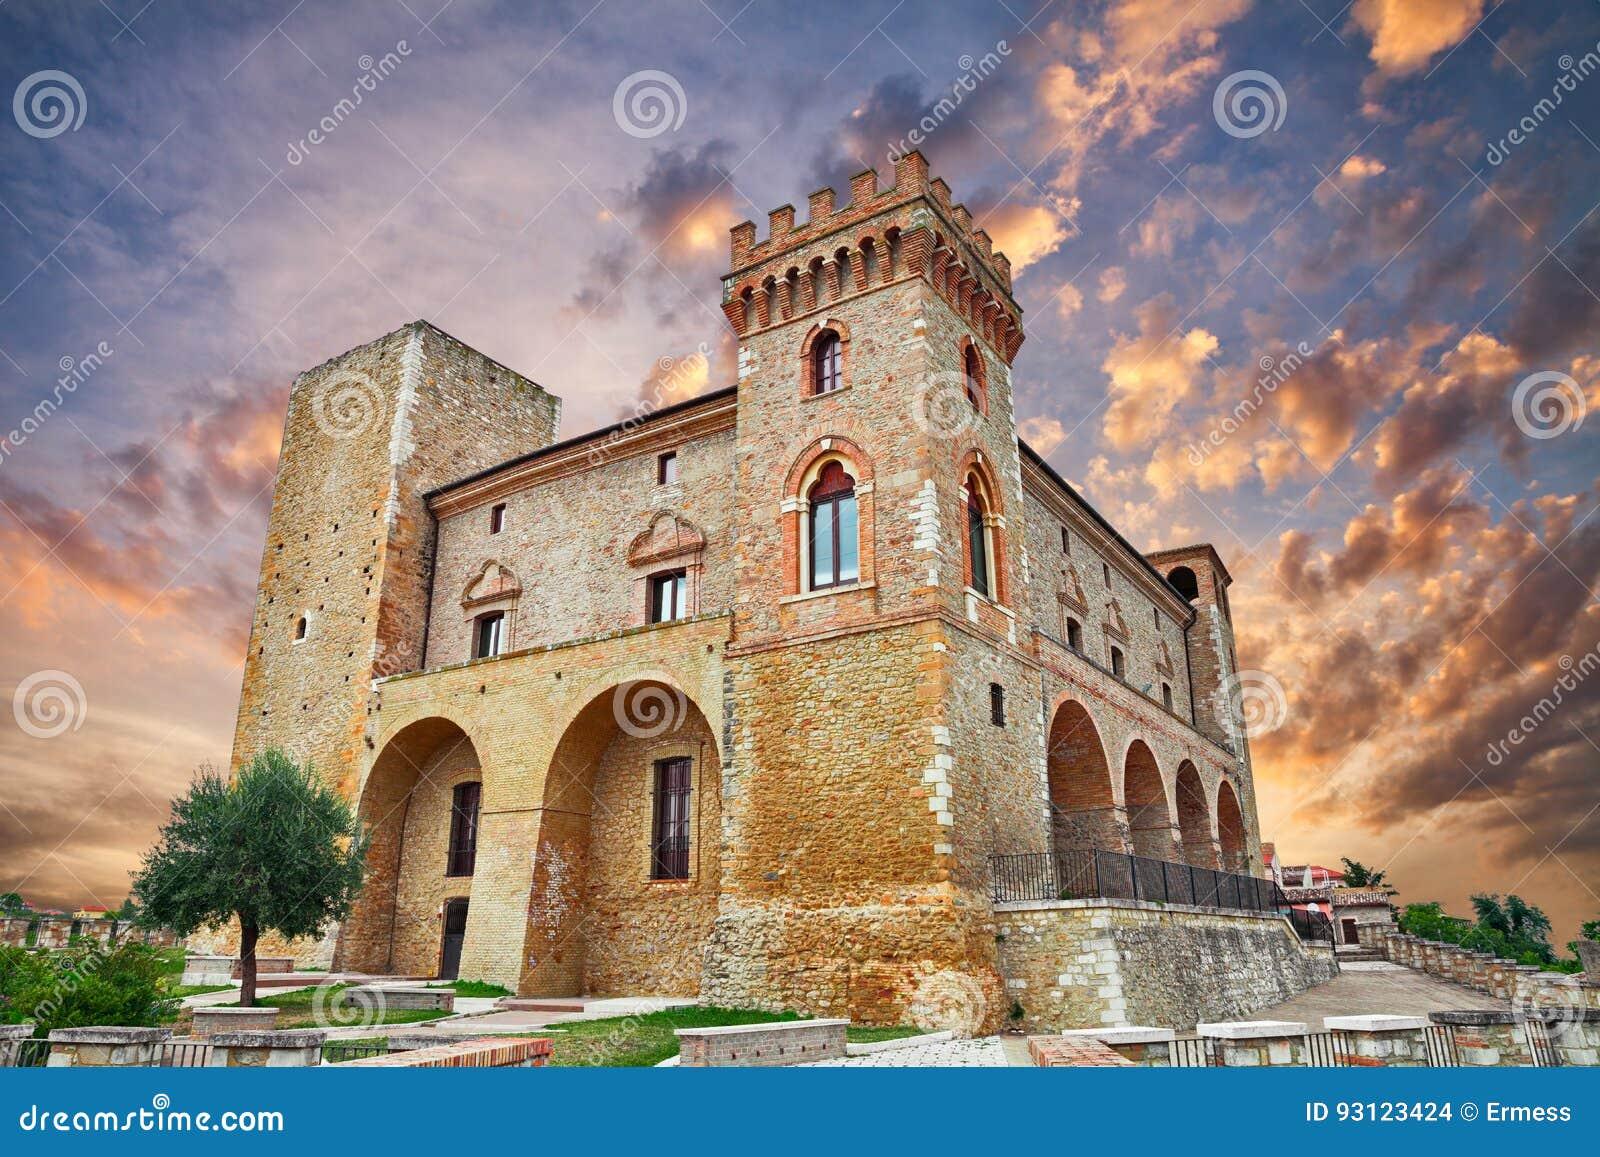 Abruzzo - Wikipedia